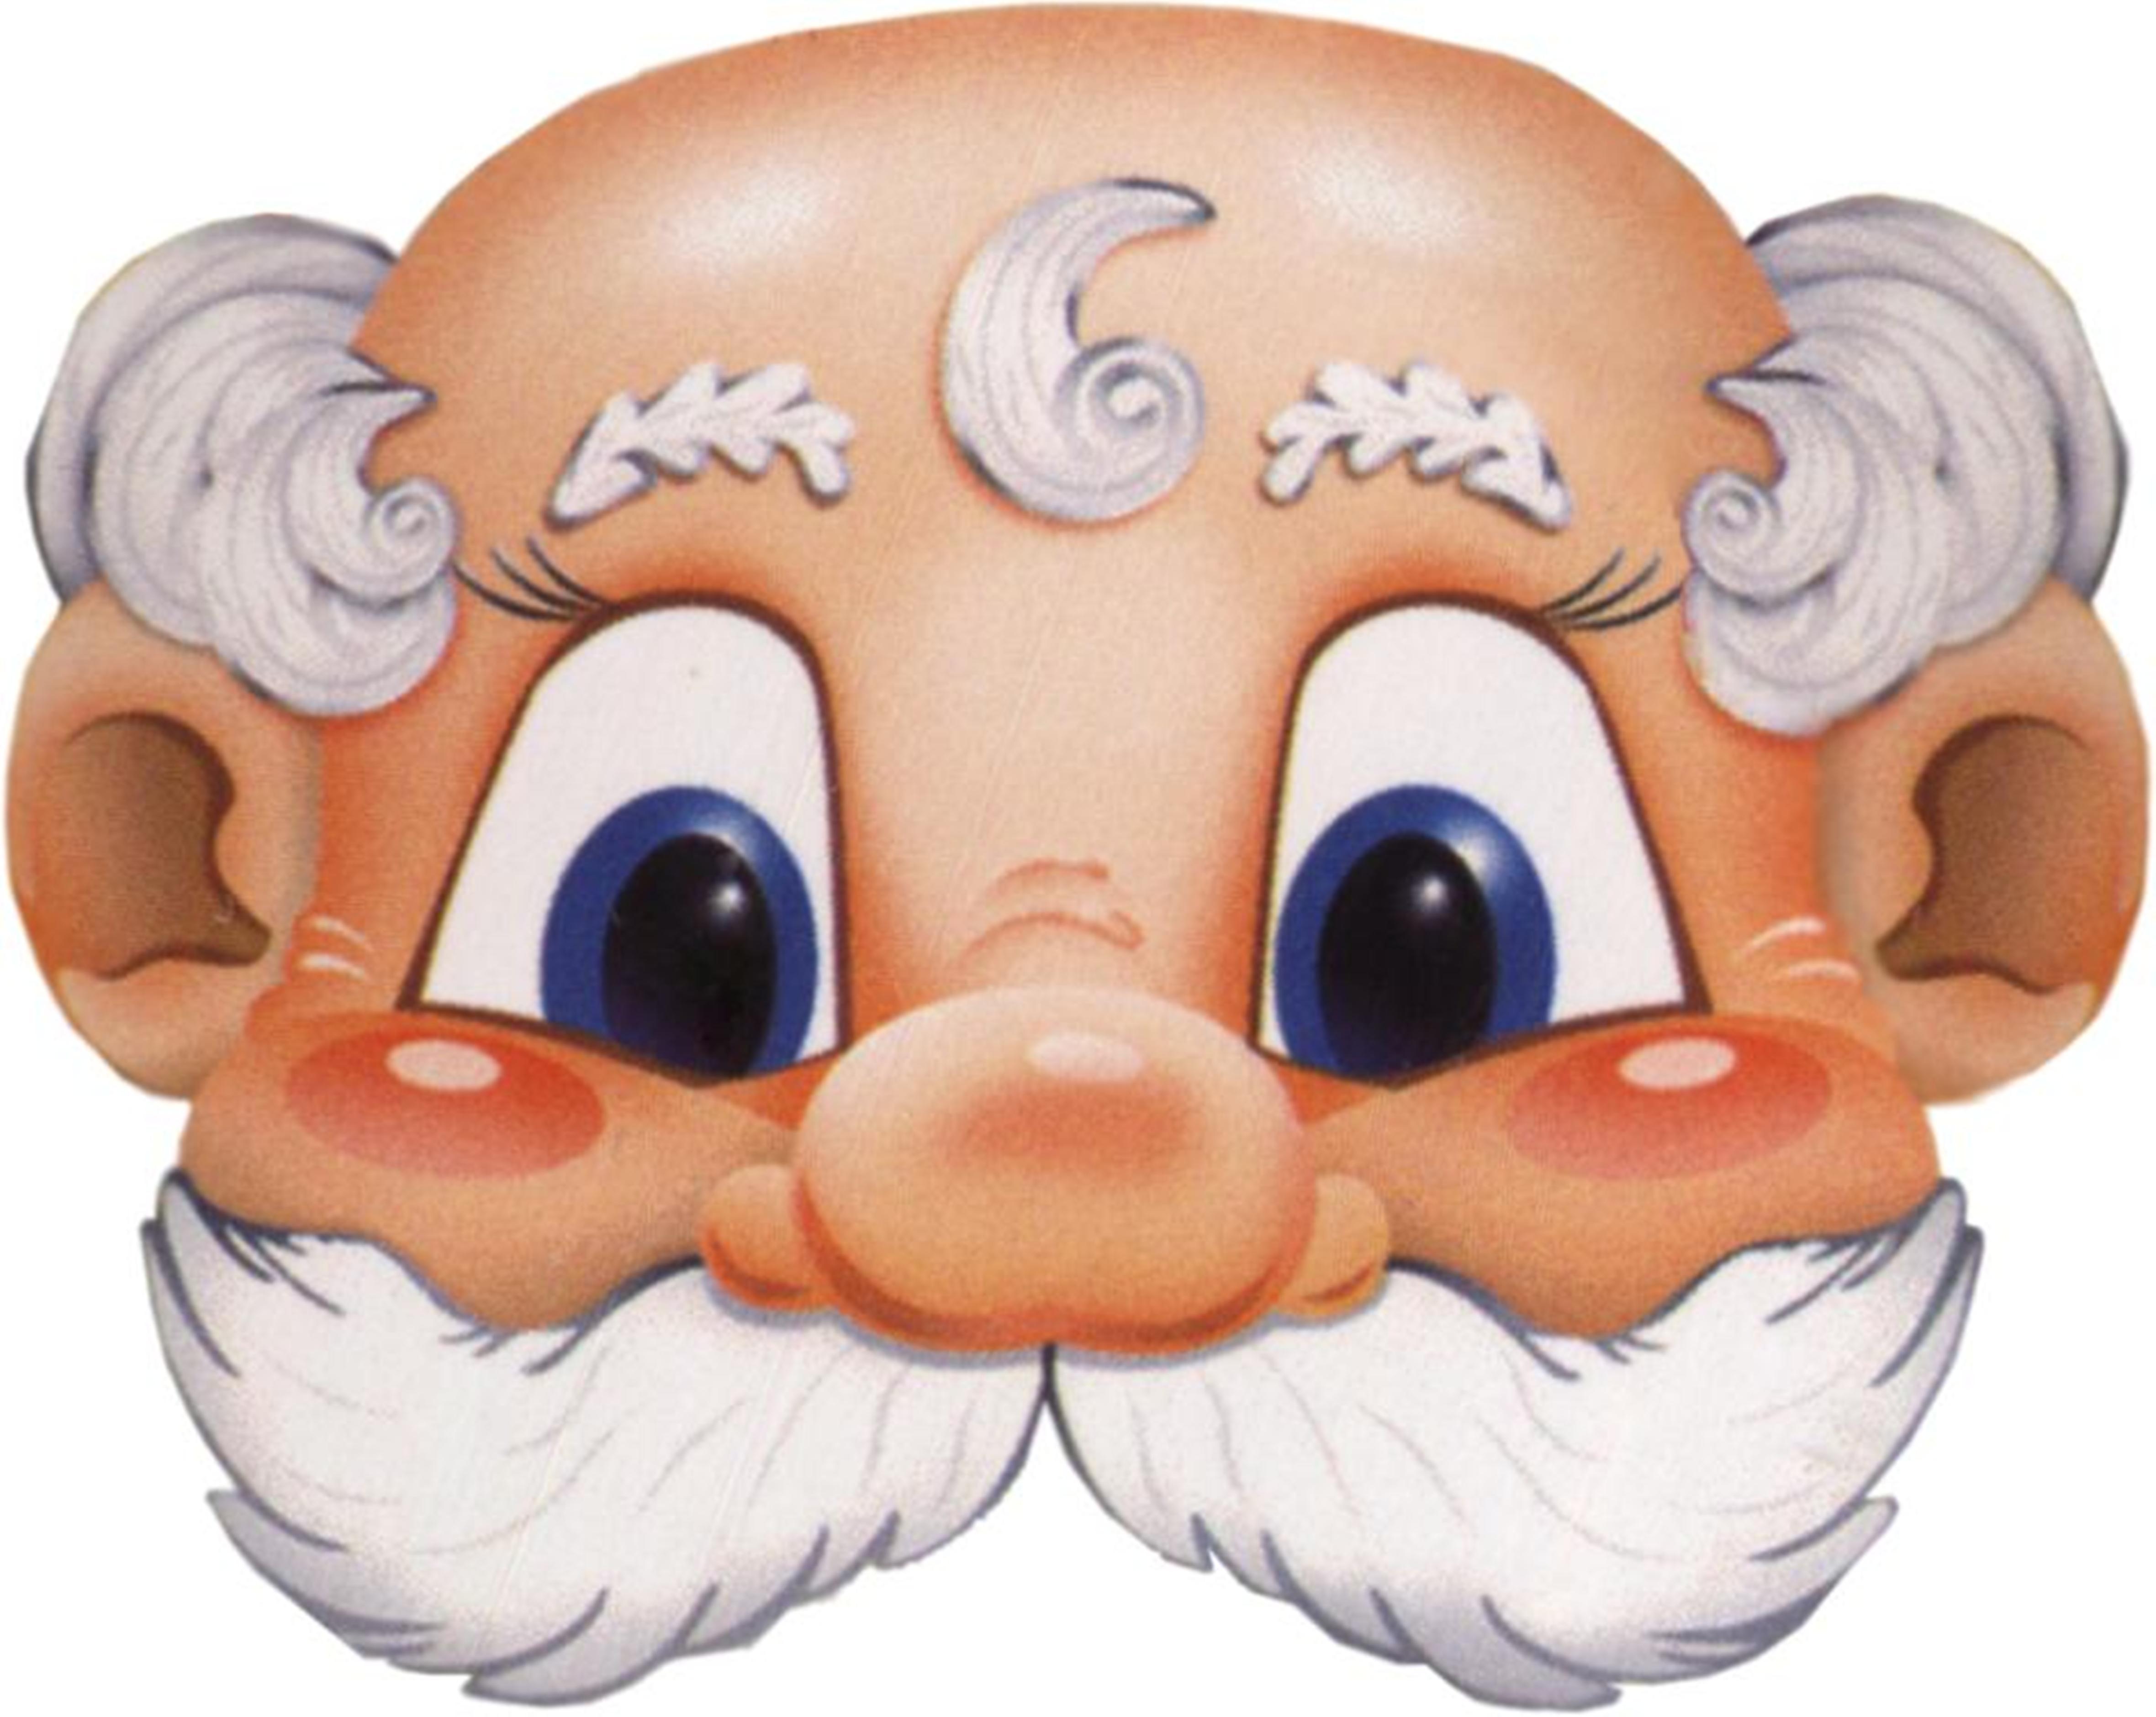 1992 Новогодние маски - запись пользователя Mariska (M@RI $k@) в сообществе Новый год в категории новогодние подарки,поделки и к